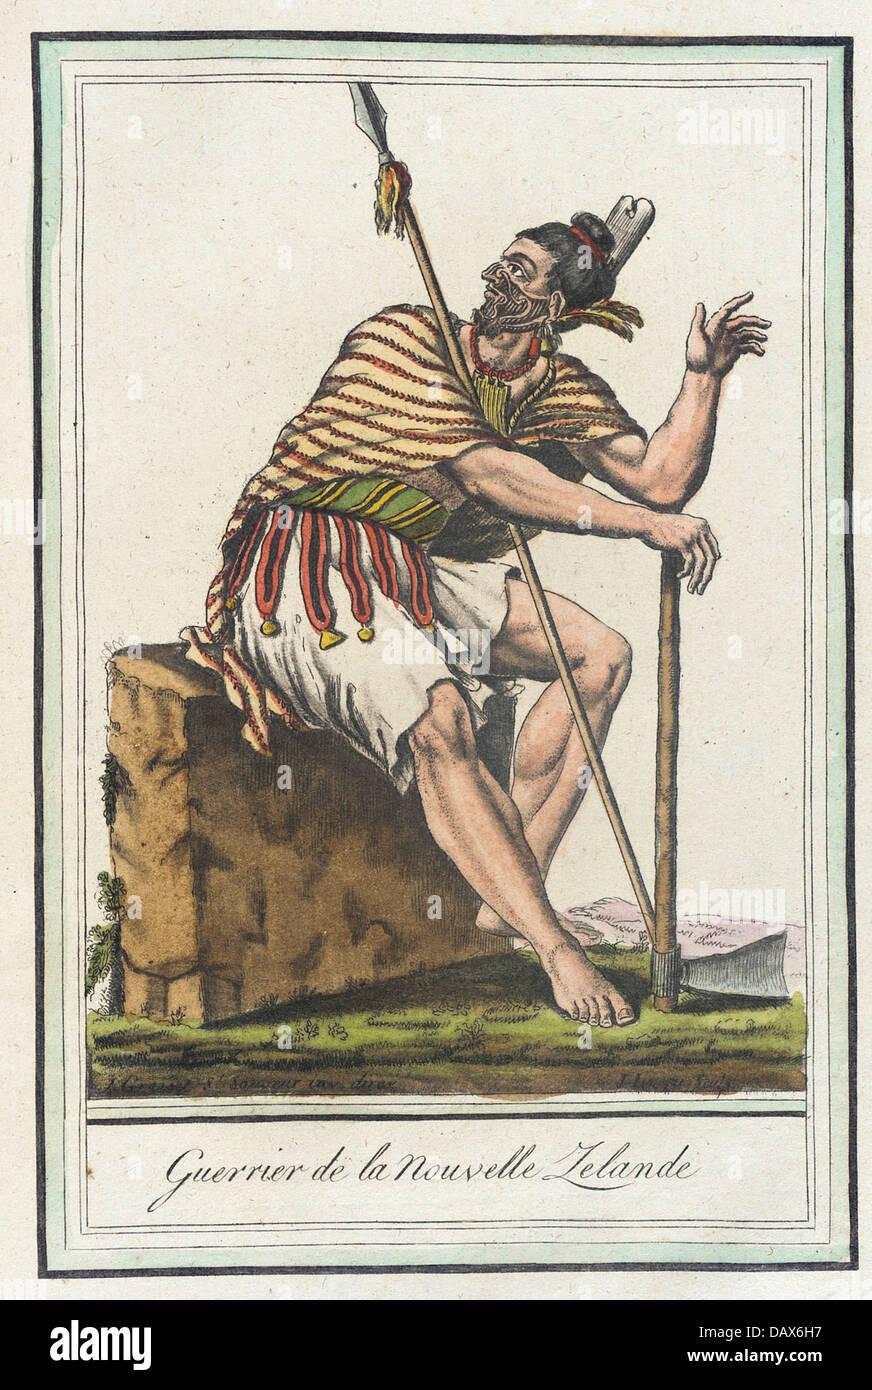 Costumes de Differents Pays, 'Guerrier de la Nouvelle Zelande' M.83.190.389 - Stock Image